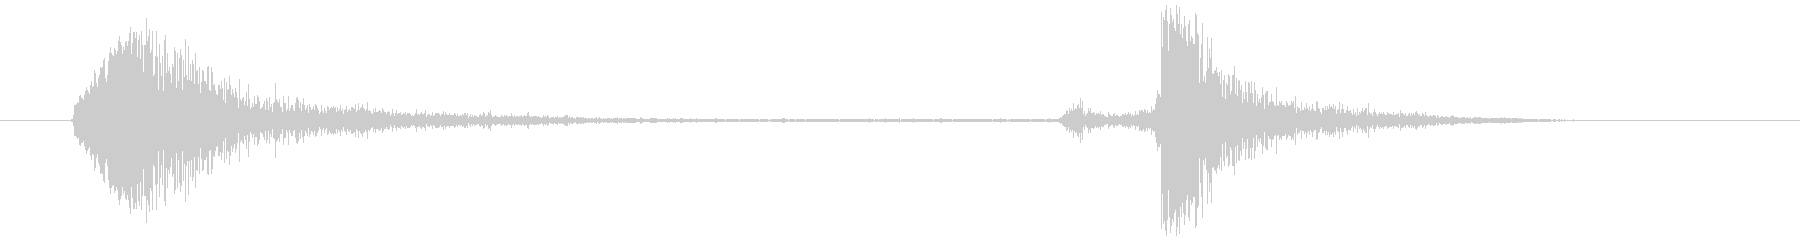 ホチキスで留める(カッシュ)の未再生の波形